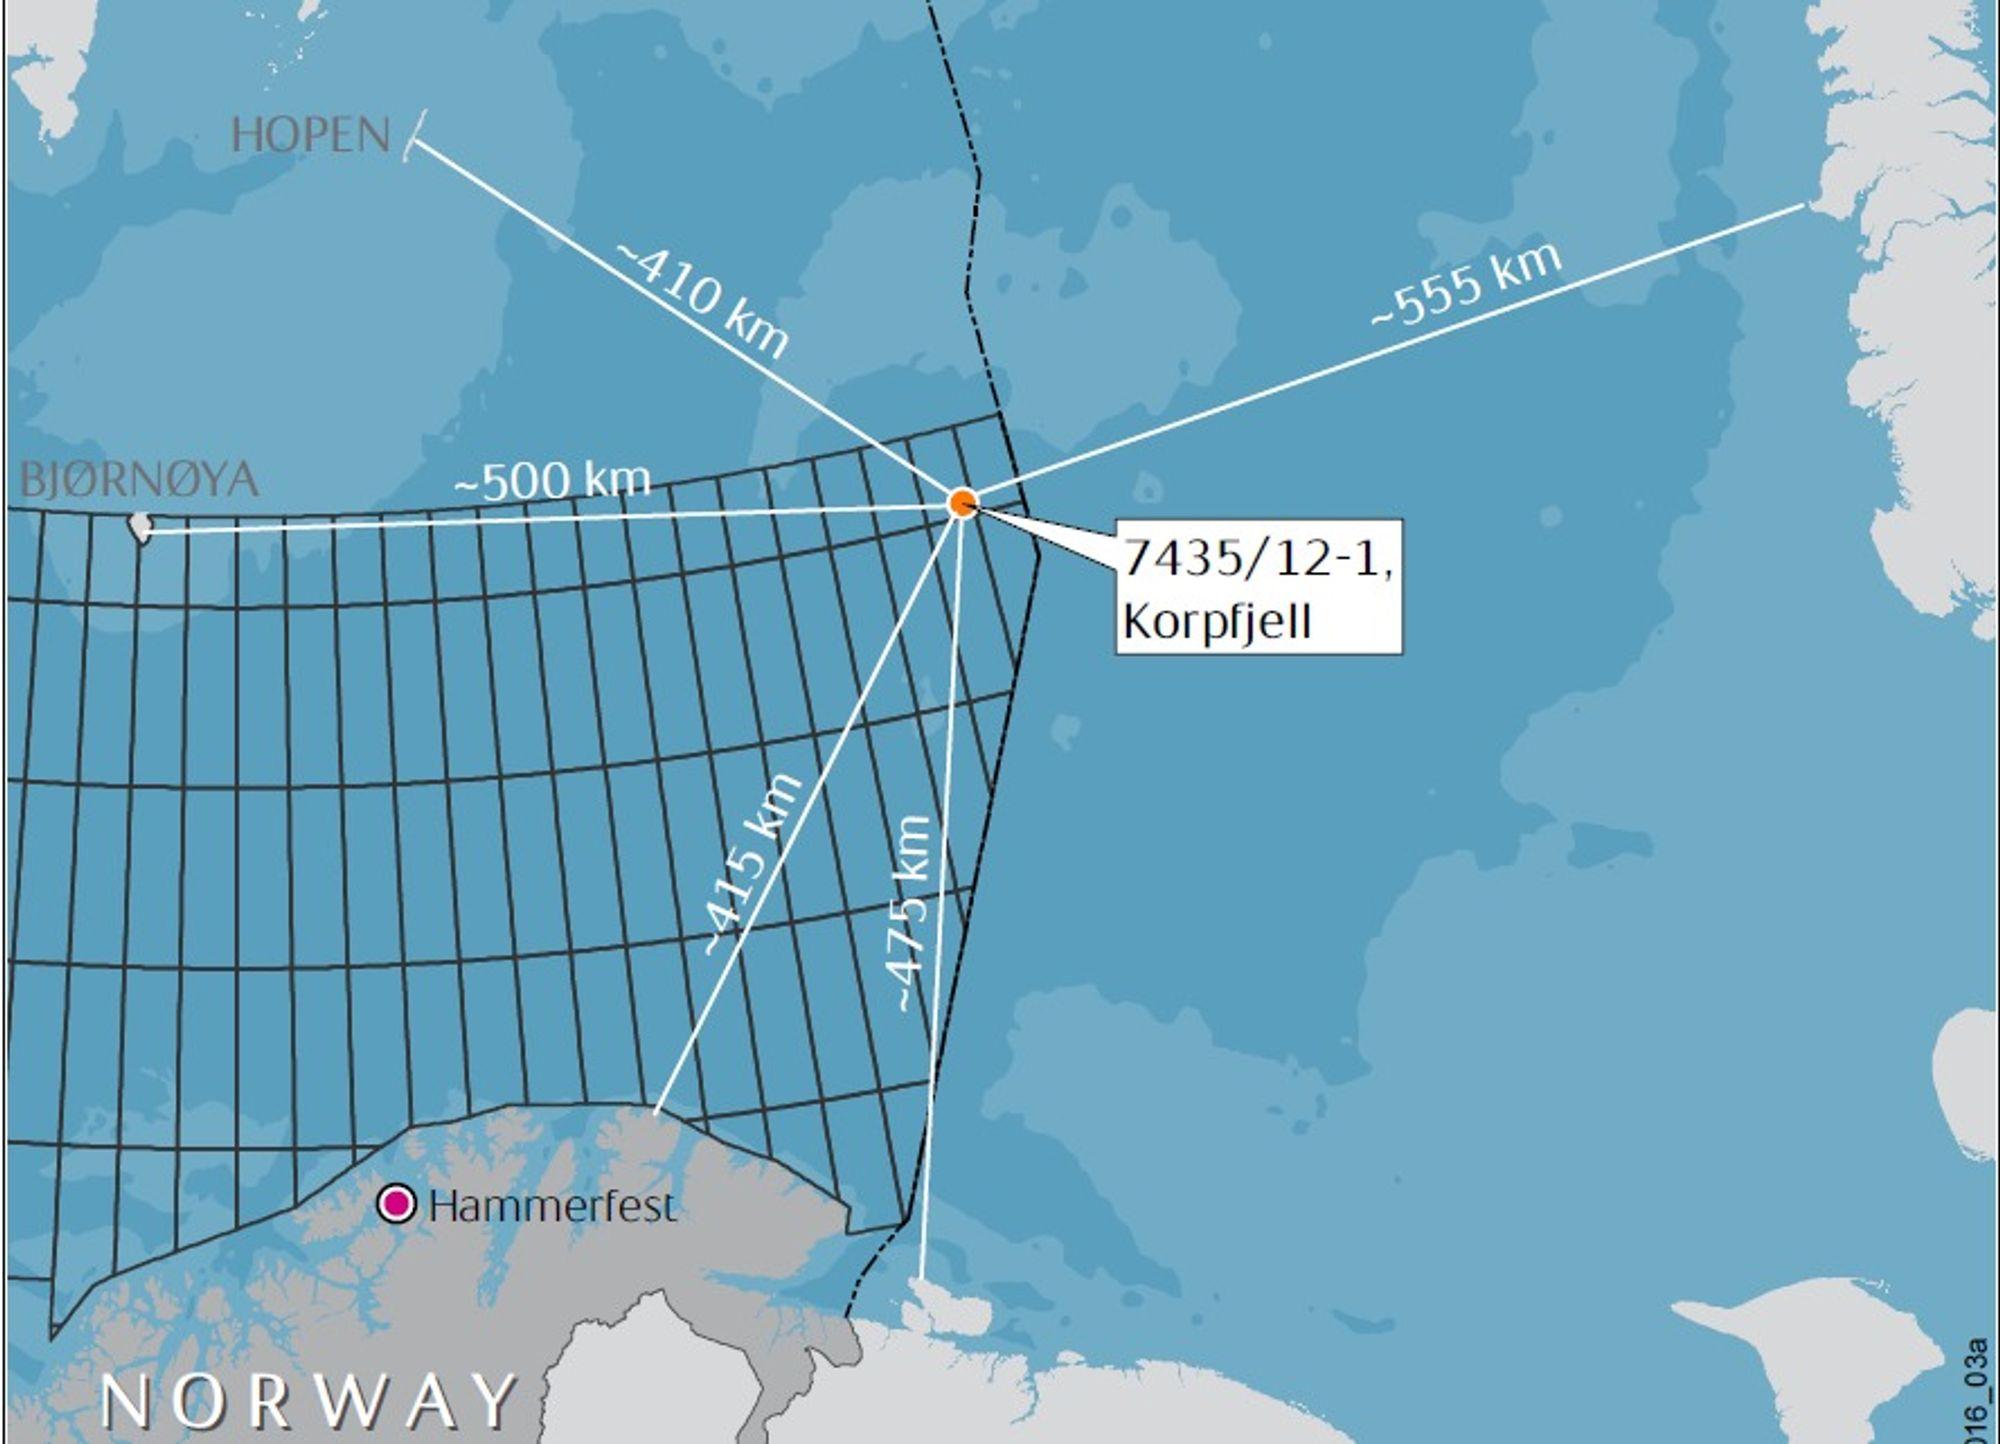 Statoil er skuffet over resultatet av Korpfjell-brønnen. Selskapet håpet på et større oljefunn, men gjorde kun et lite gassfunn, som det ikke vil være lønnsomt å bygge ut. Korpfjell var den første brønnen i Barentshavet Sørøst.